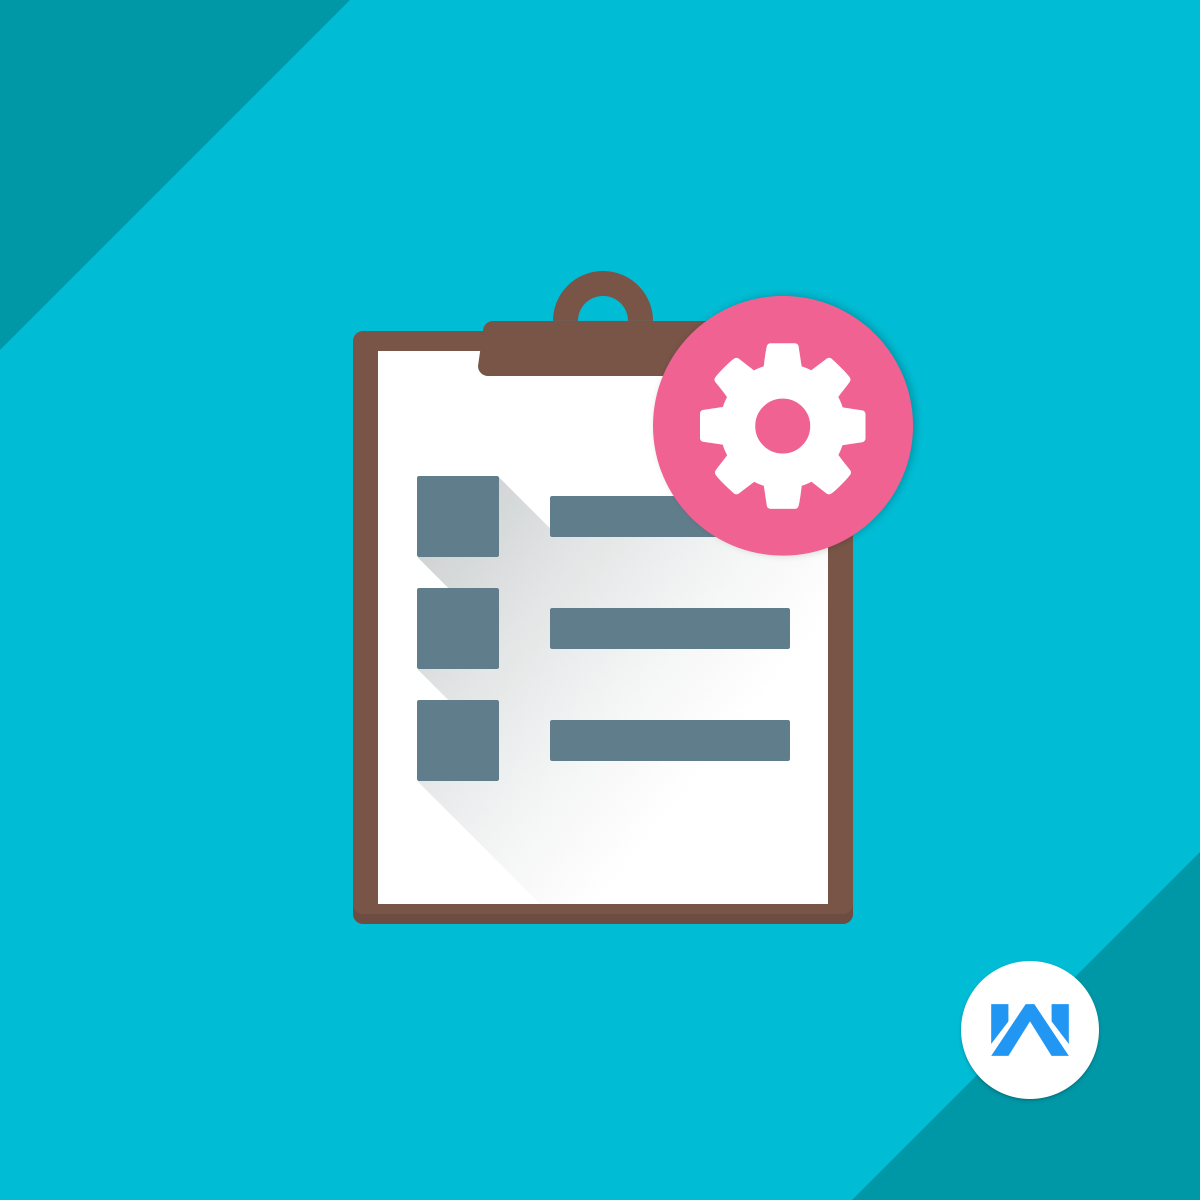 Shopify Order Management app by Webkul software pvt ltd